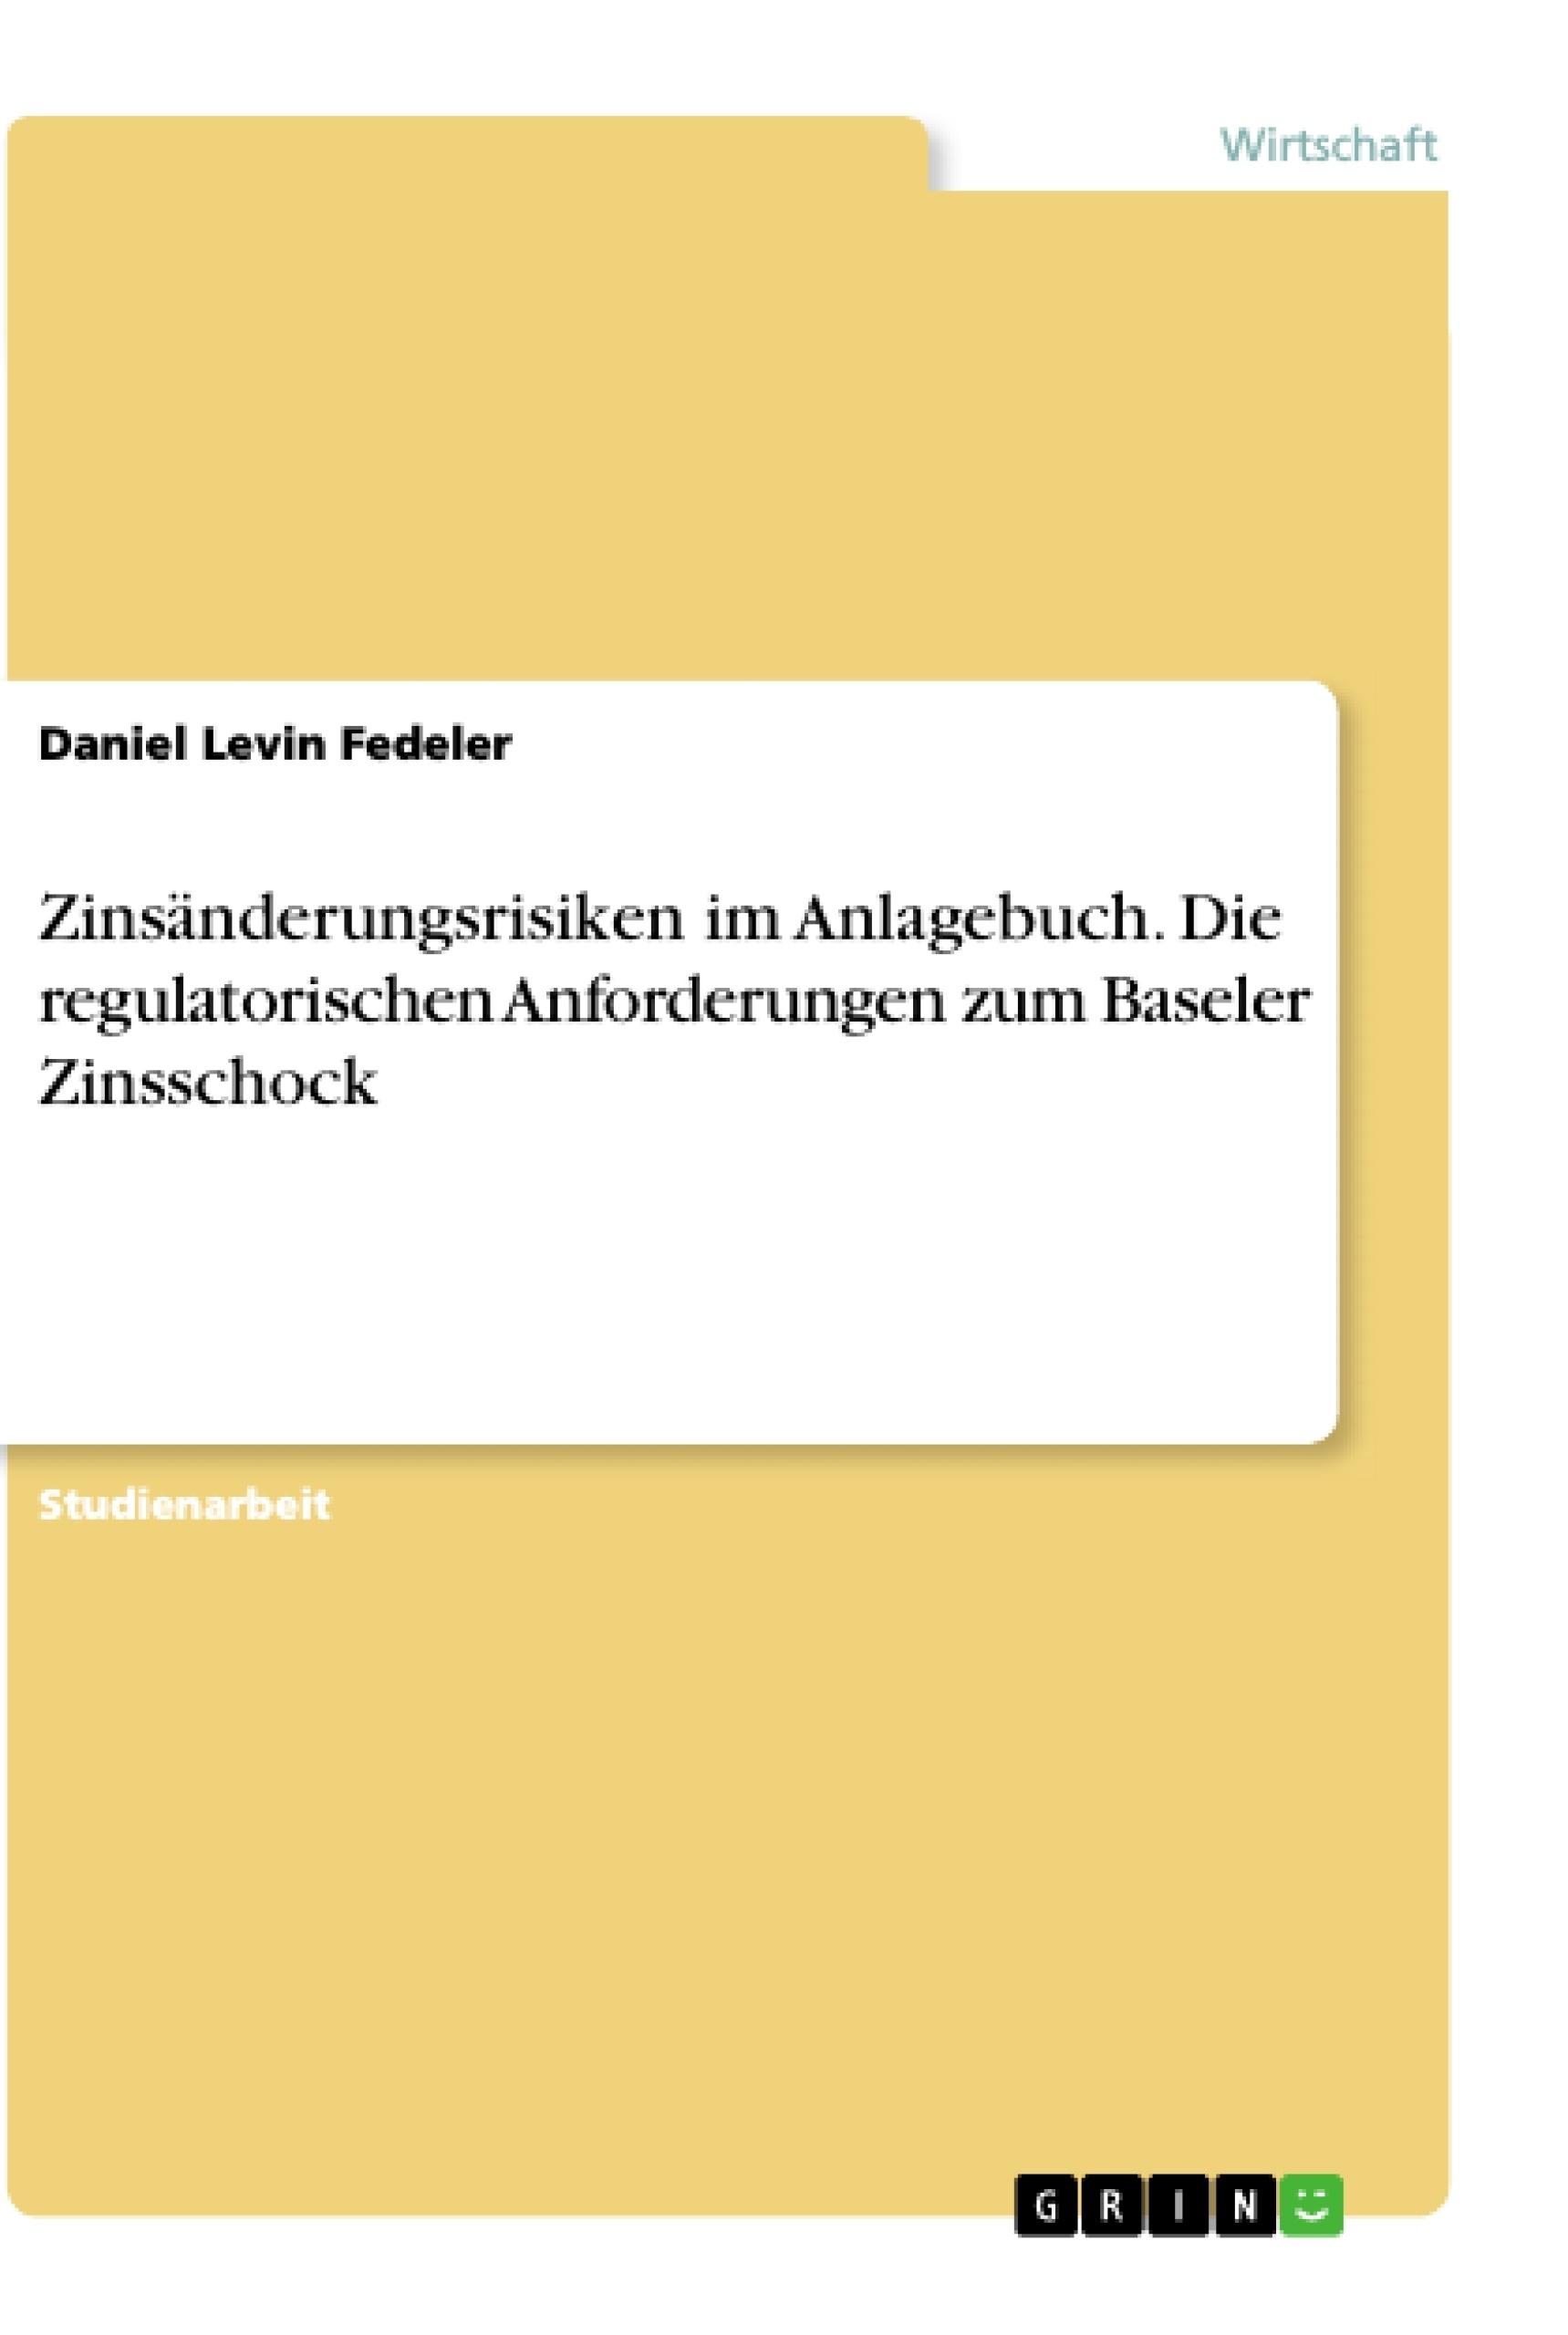 Titel: Zinsänderungsrisiken im Anlagebuch. Die regulatorischen Anforderungen zum Baseler Zinsschock